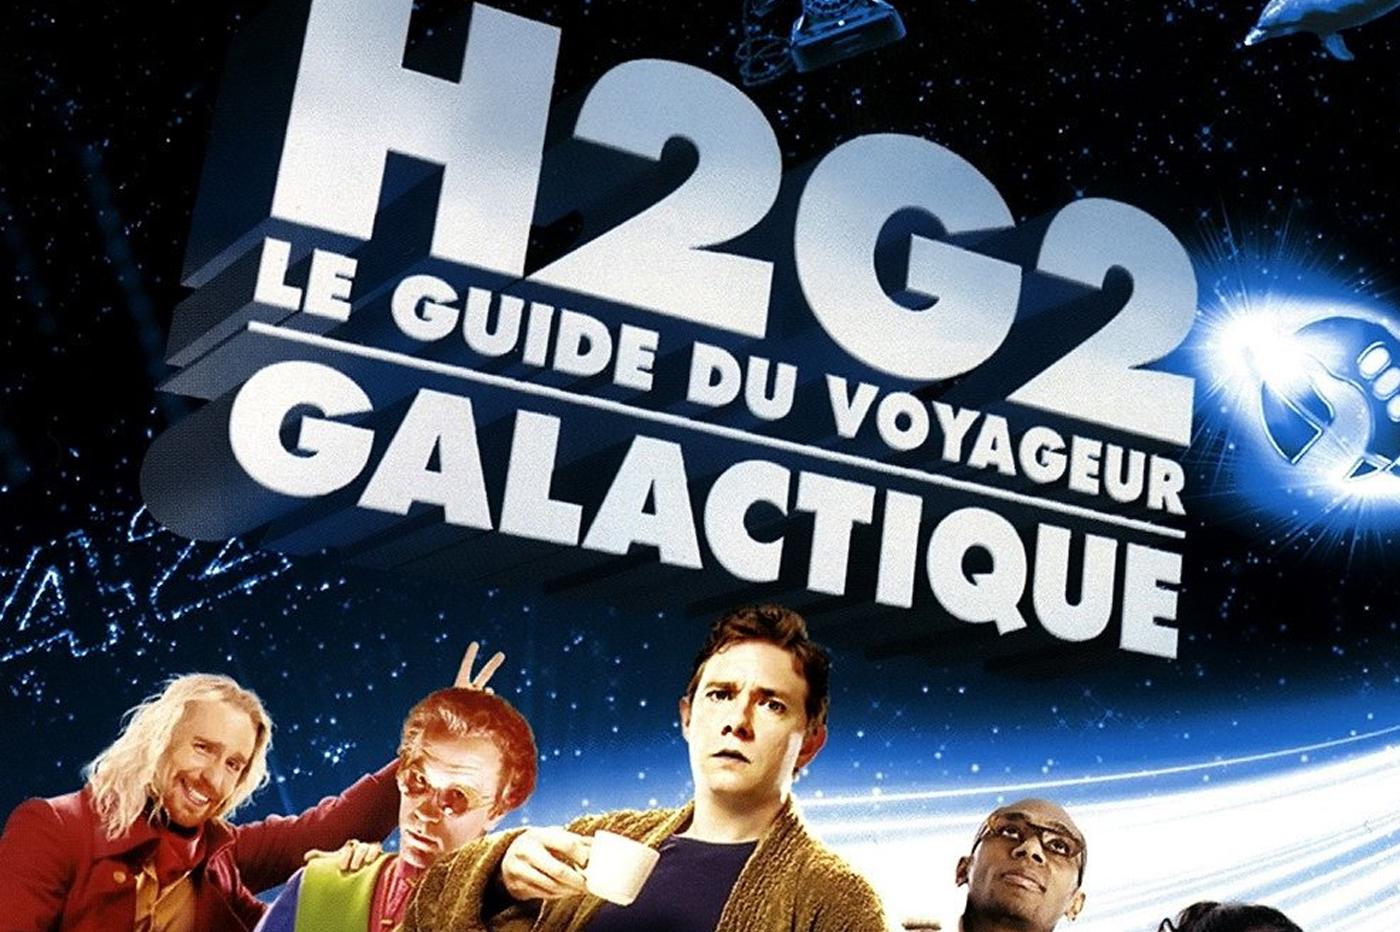 LE VOYAGEUR GALACTIQUE FILM TÉLÉCHARGER GUIDE H2G2 DU